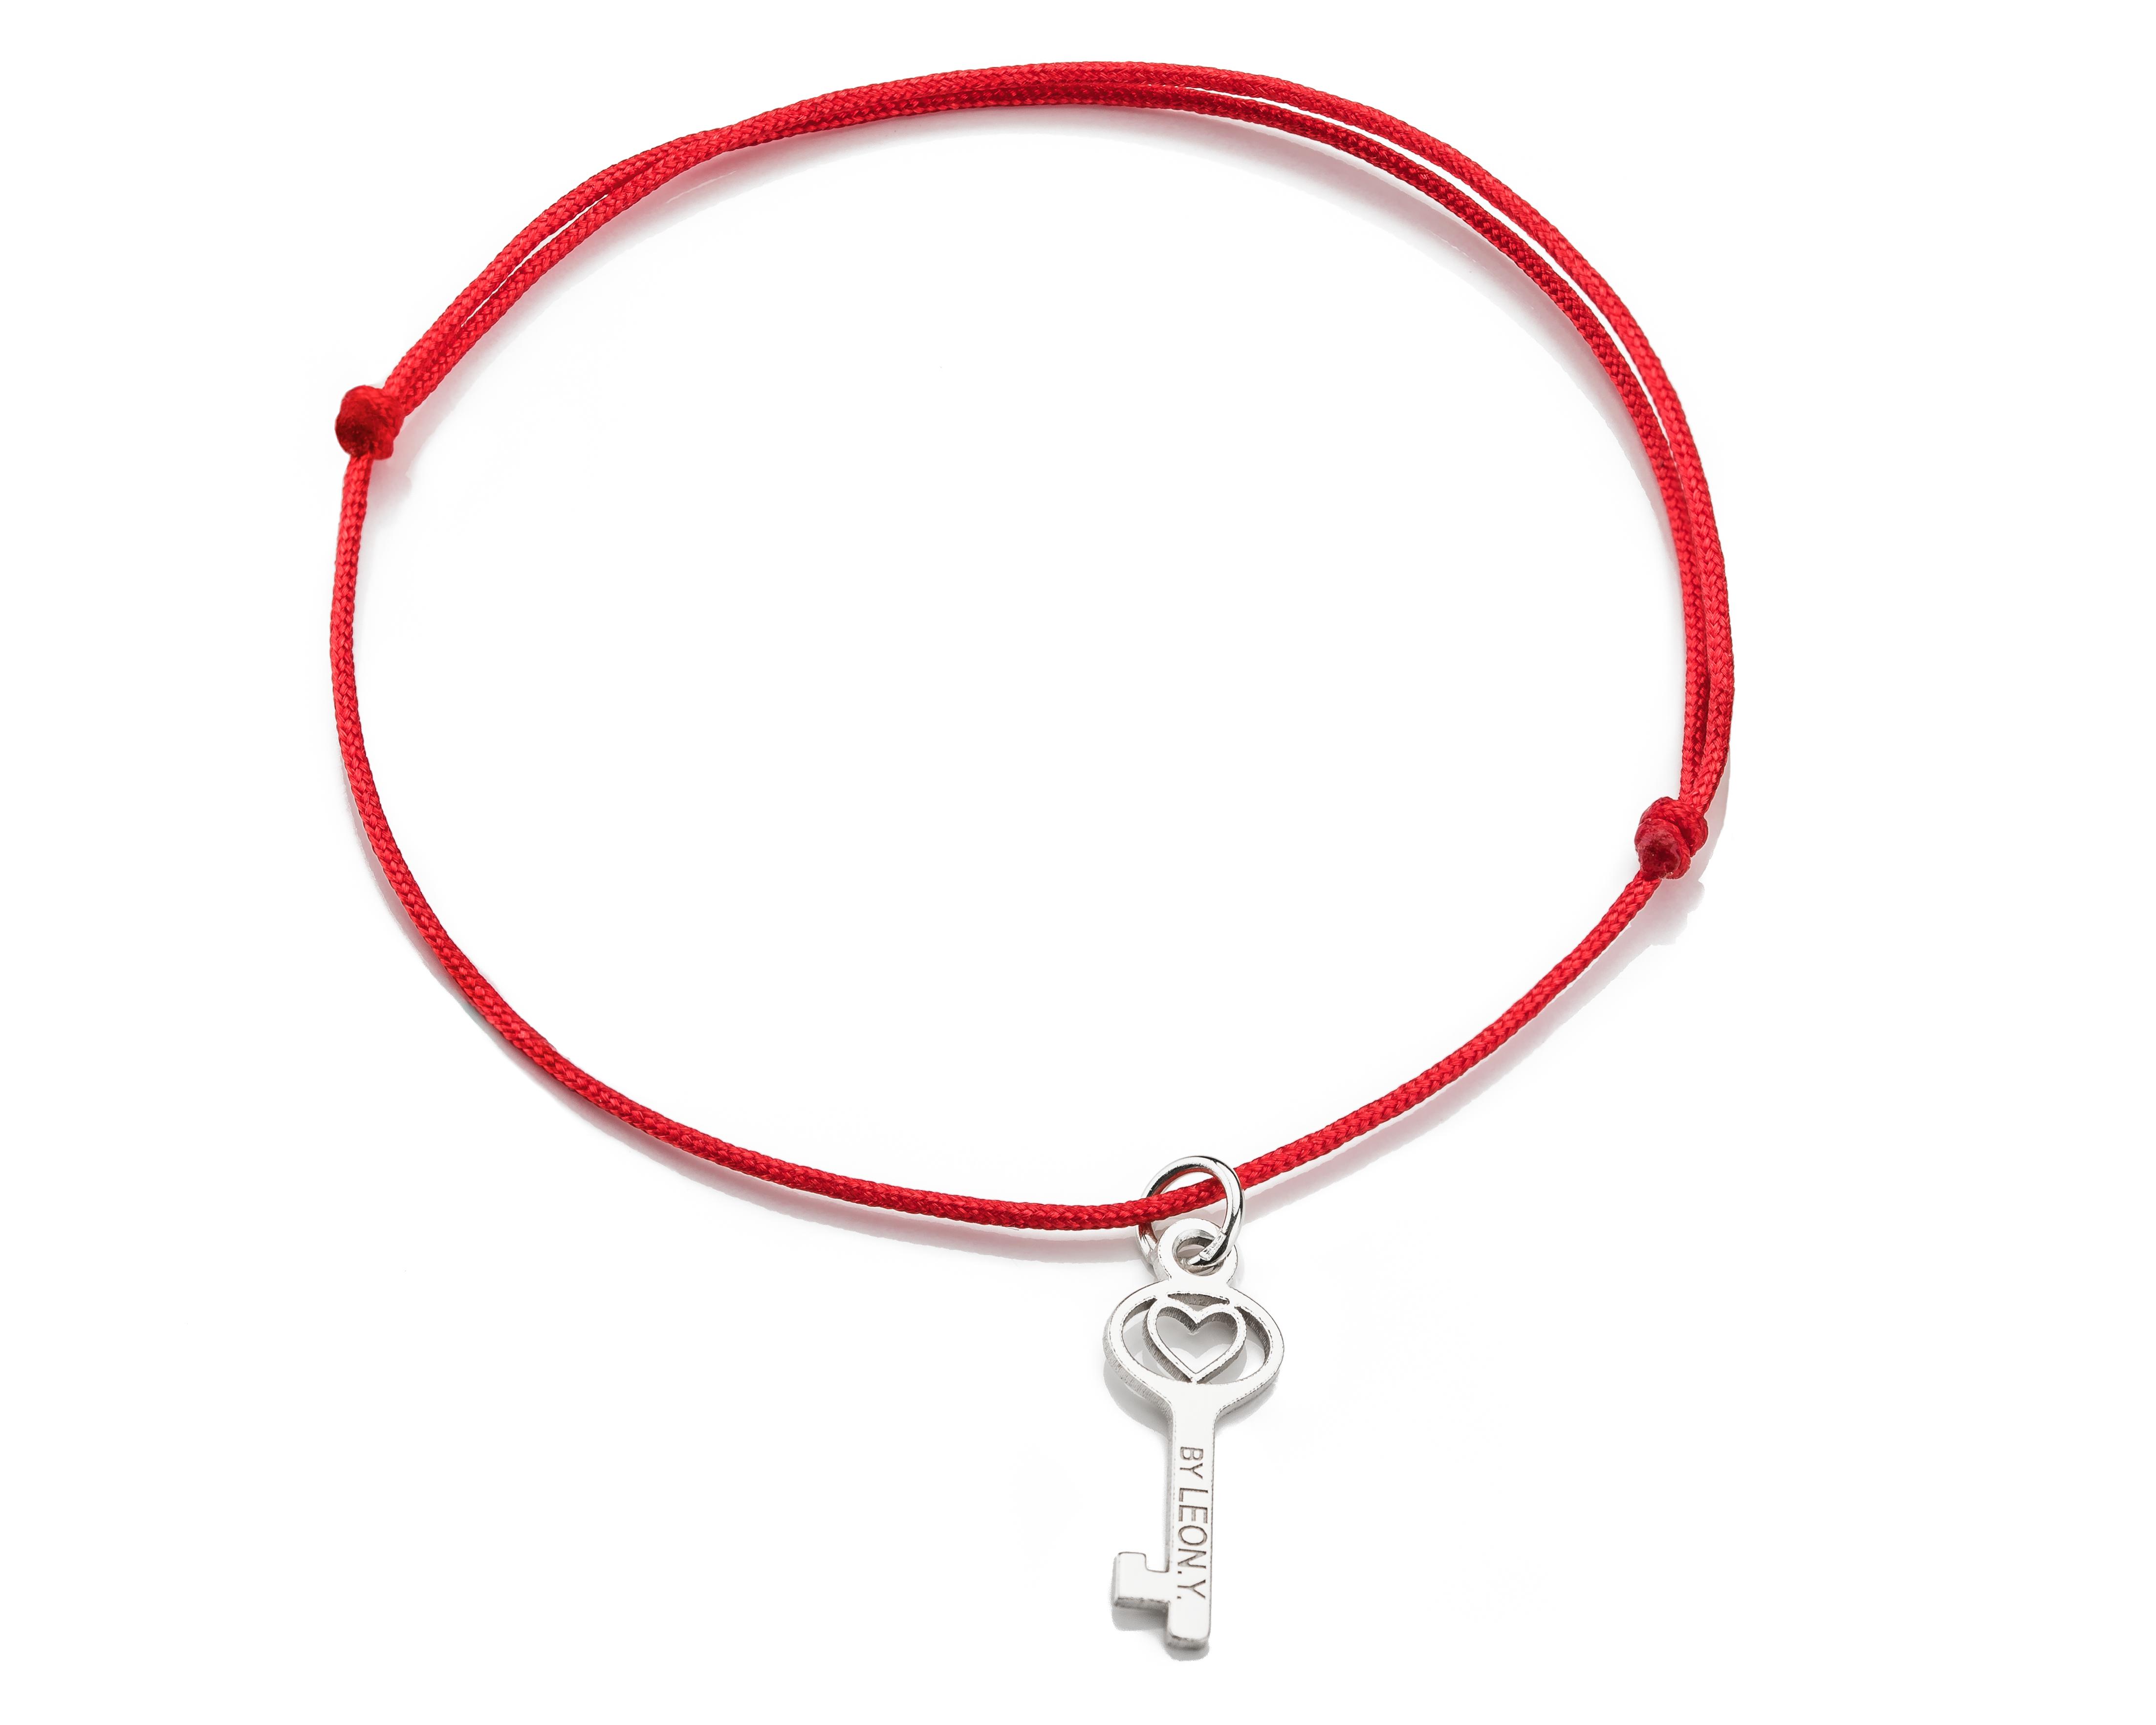 Červená šnúrka, striebro, Kľúčik